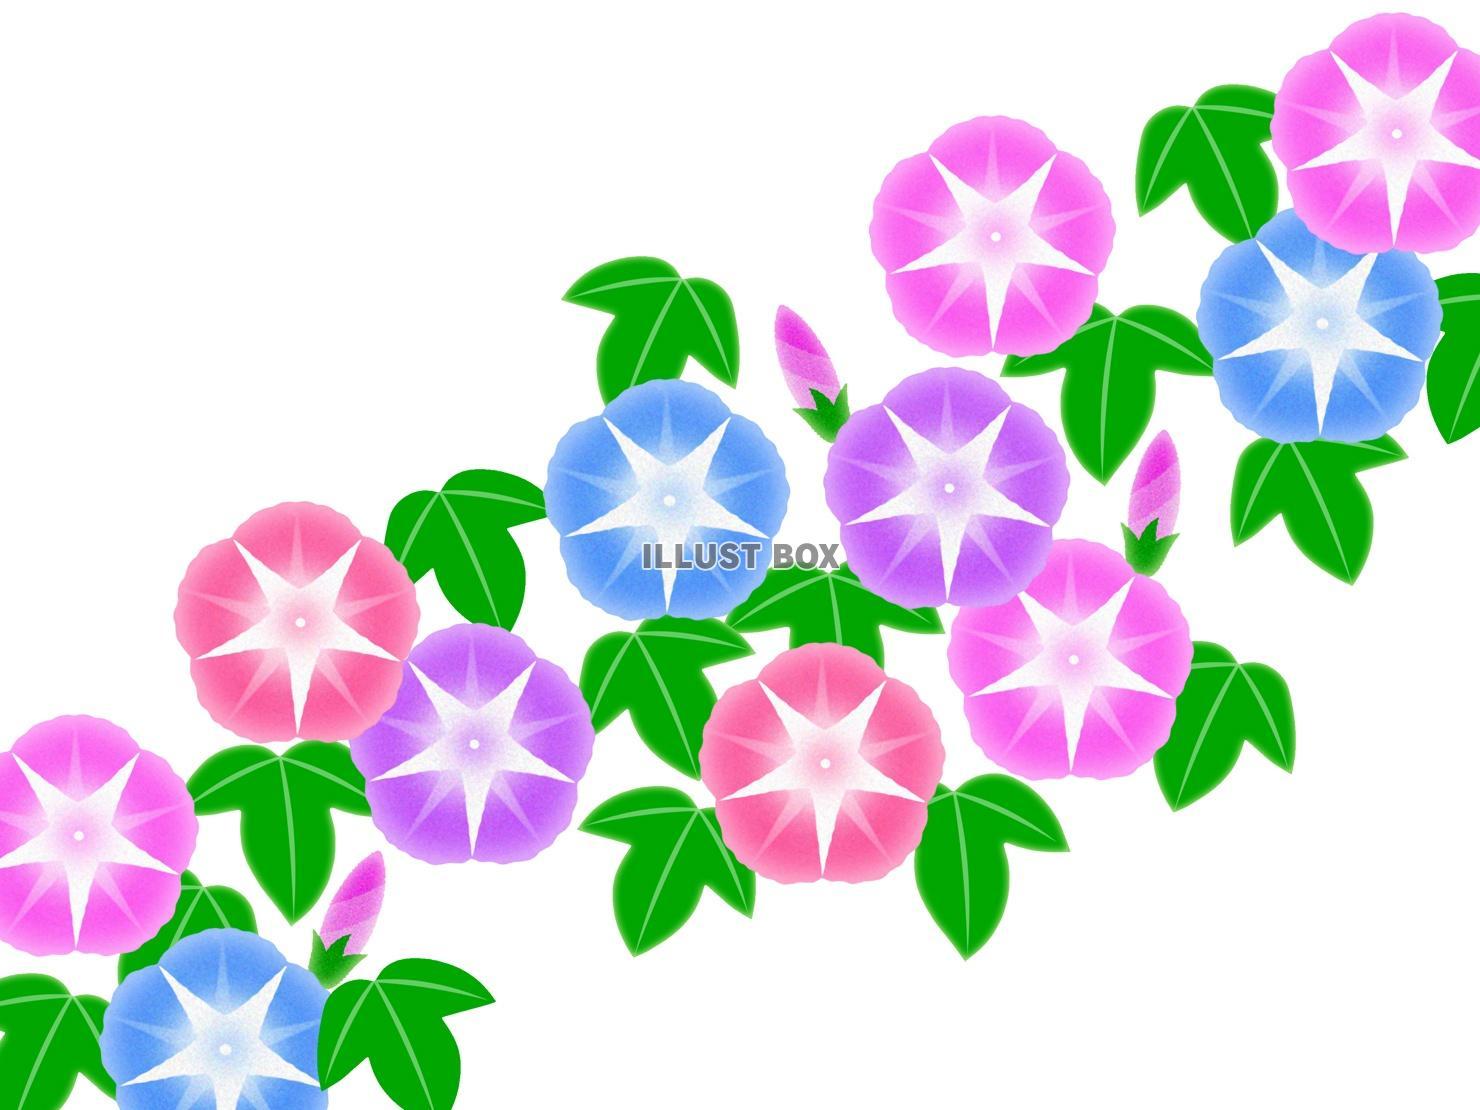 無料イラスト 朝顔イラスト背景素材アサガオの花模様壁紙